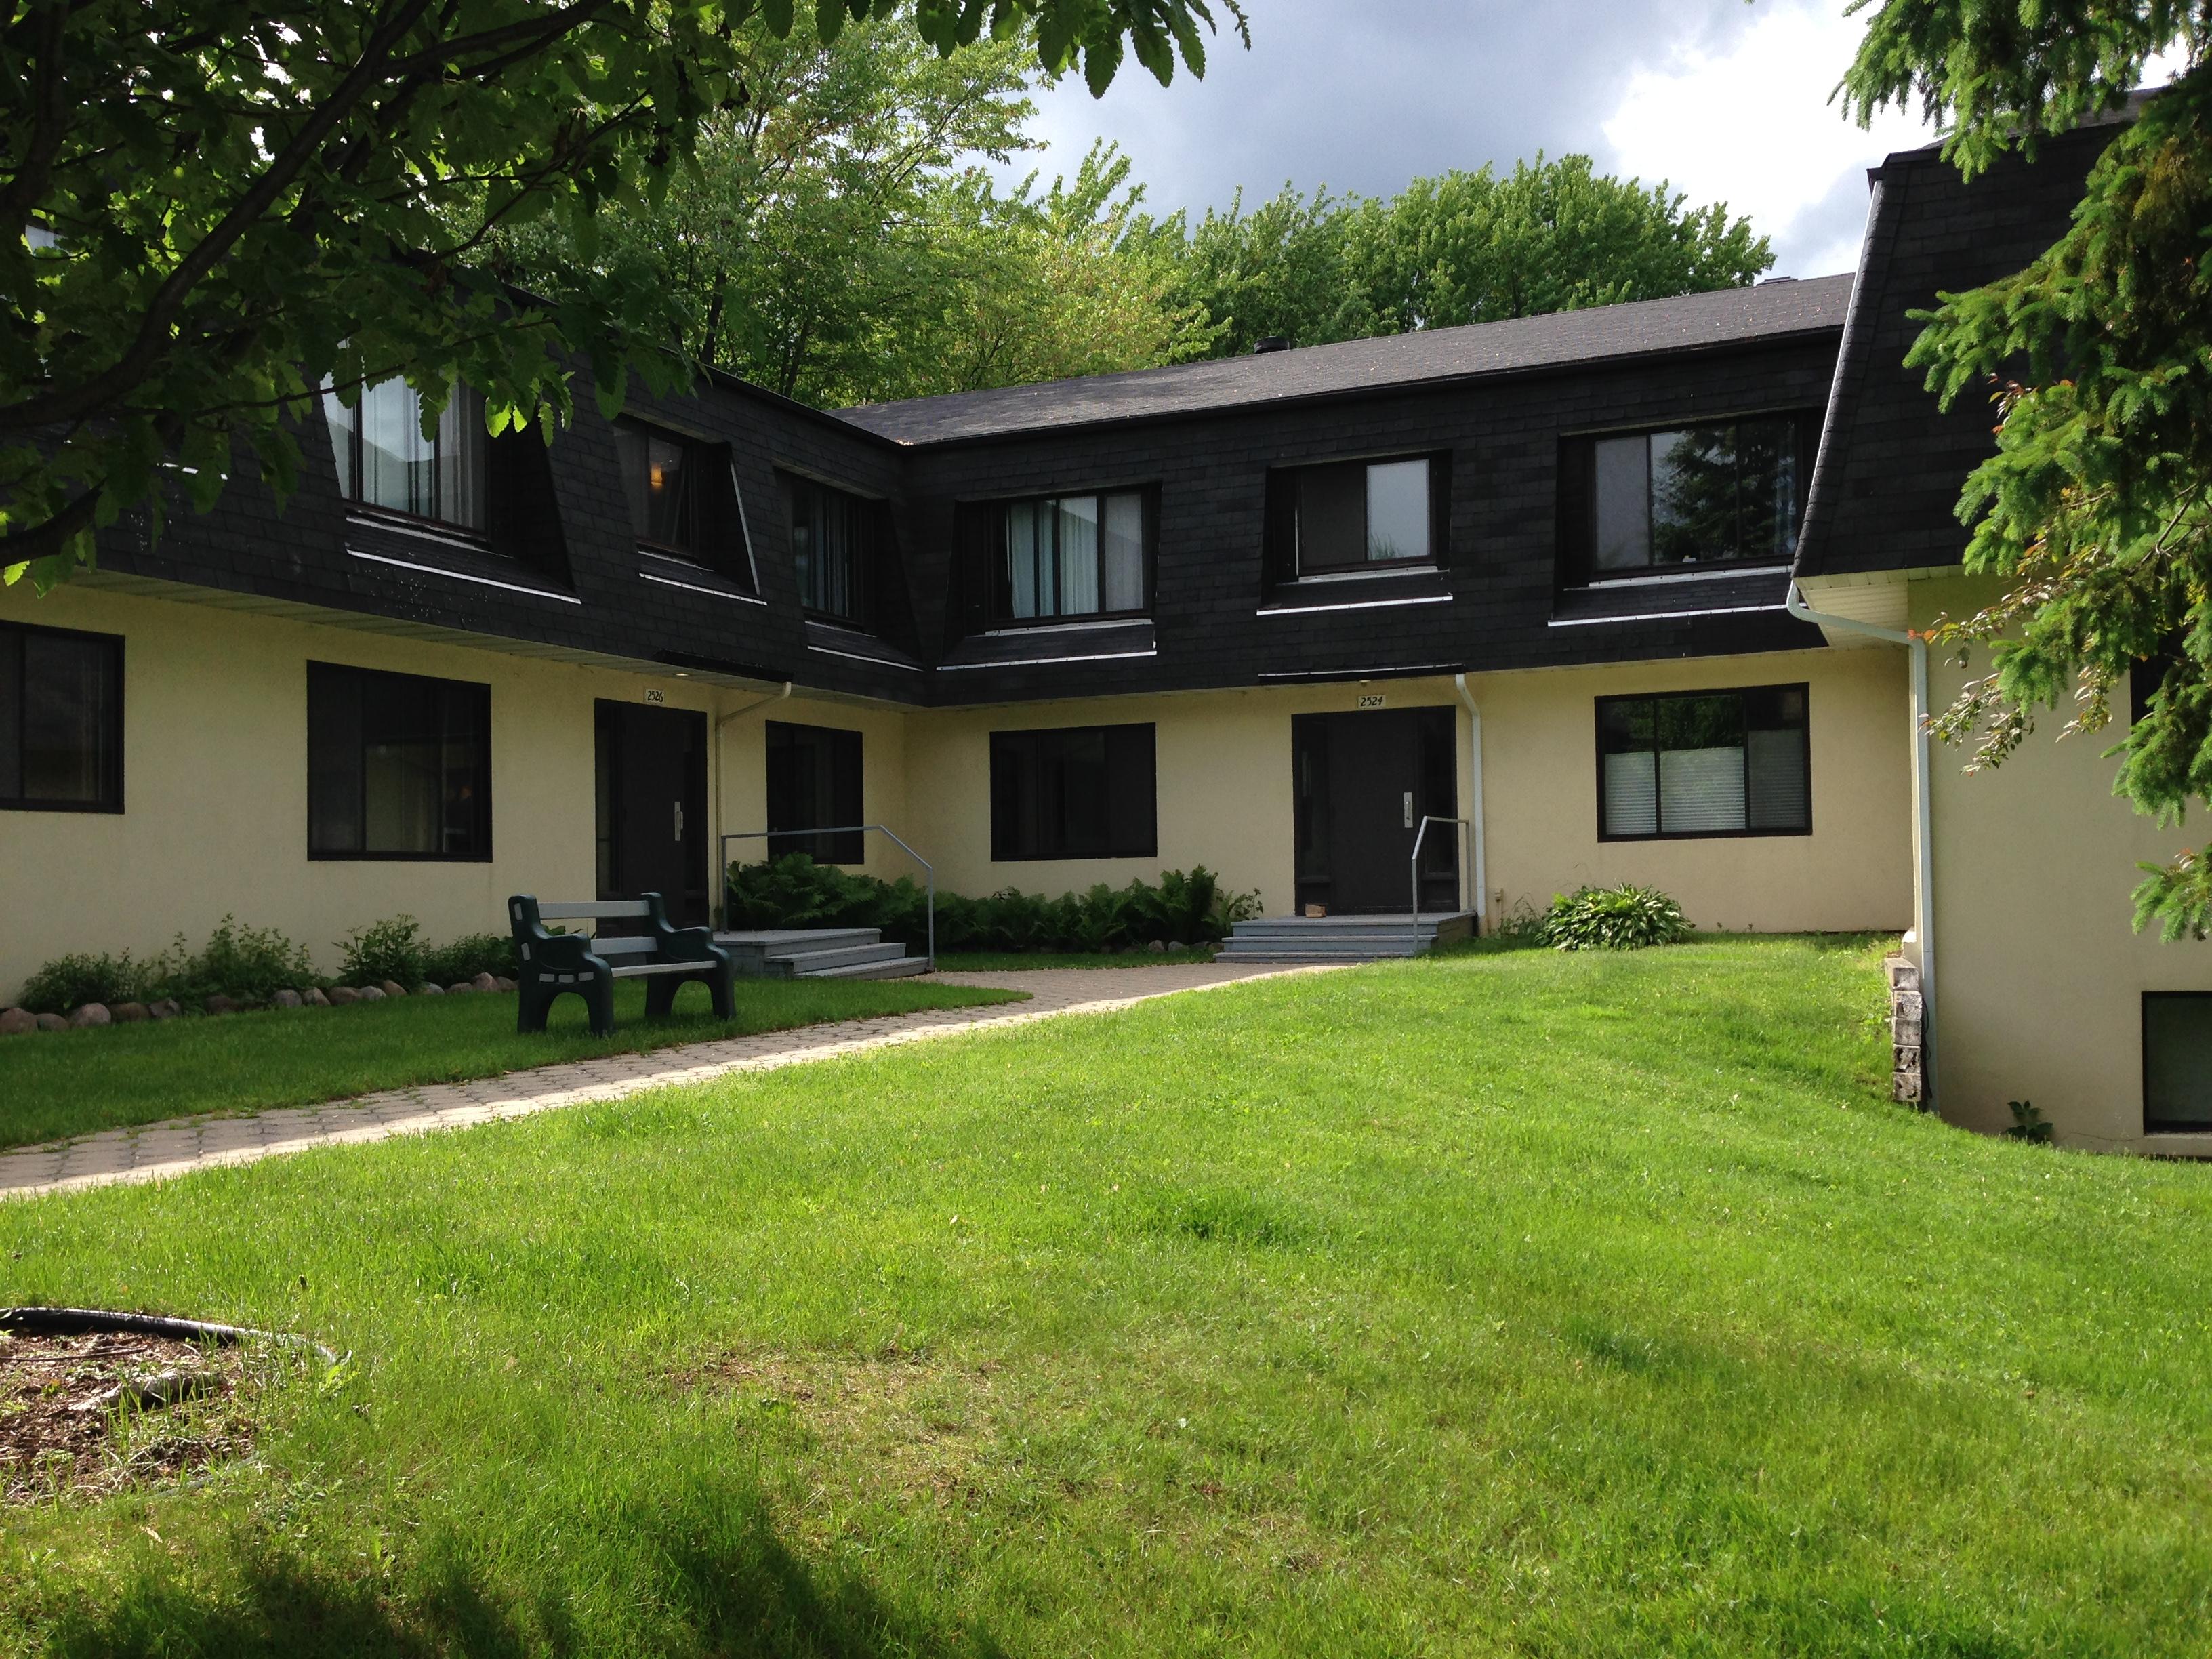 2532, Av. de Monceaux #21, Québec G1T 2N7